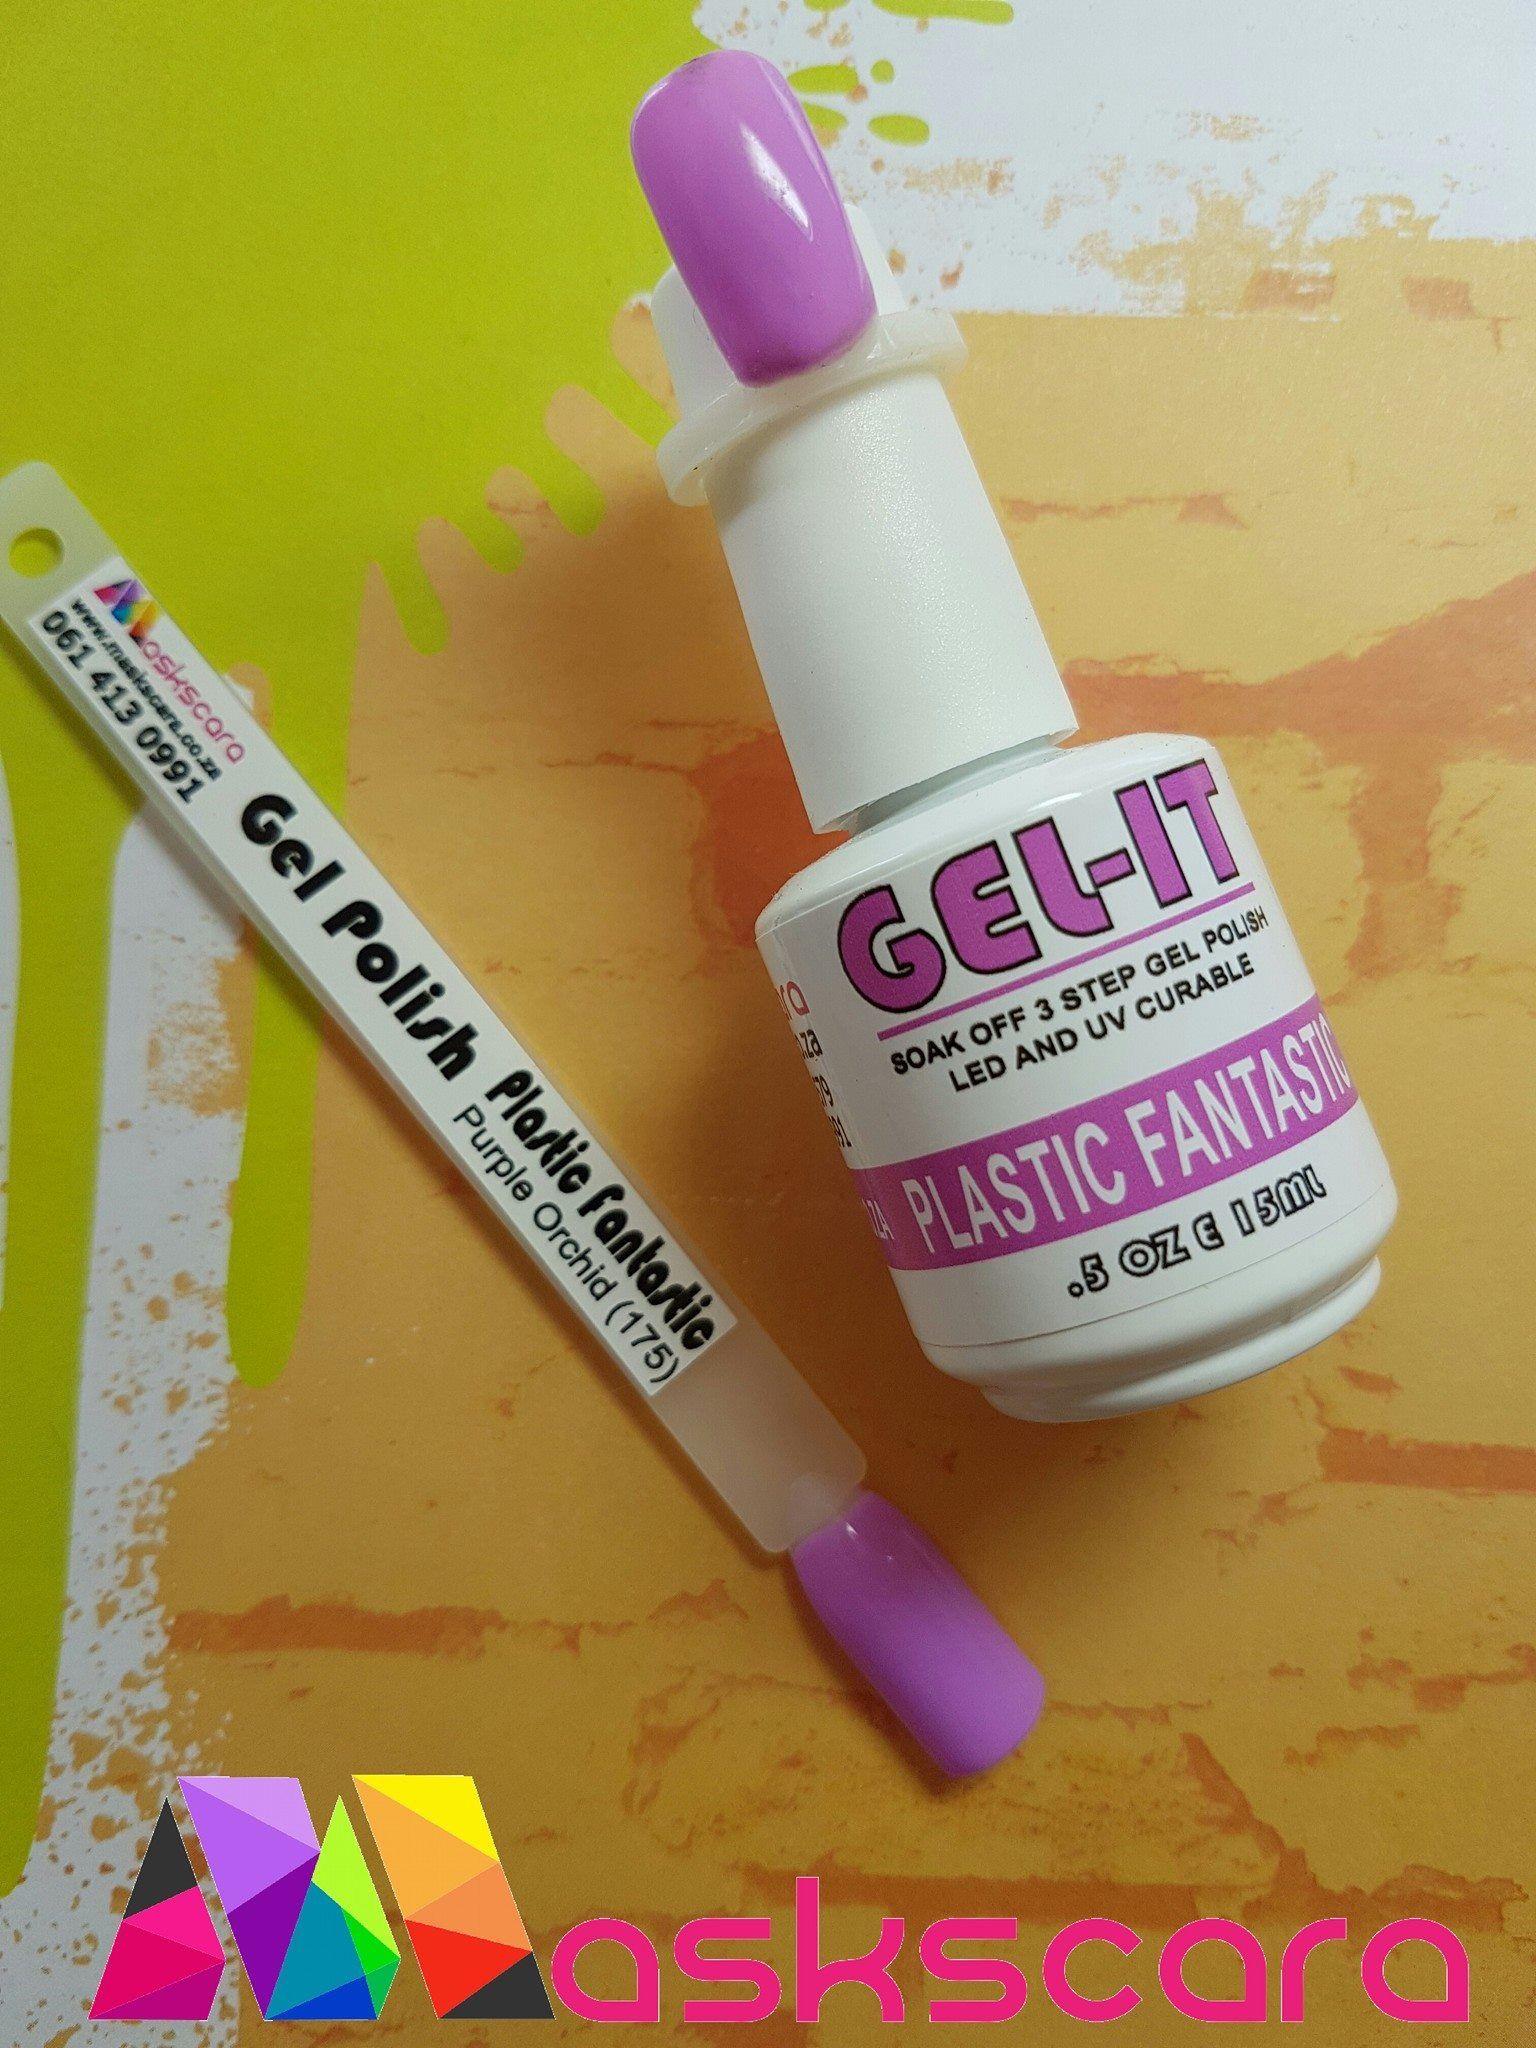 How to paint Maskscara Gelit UV polish. - YouTube